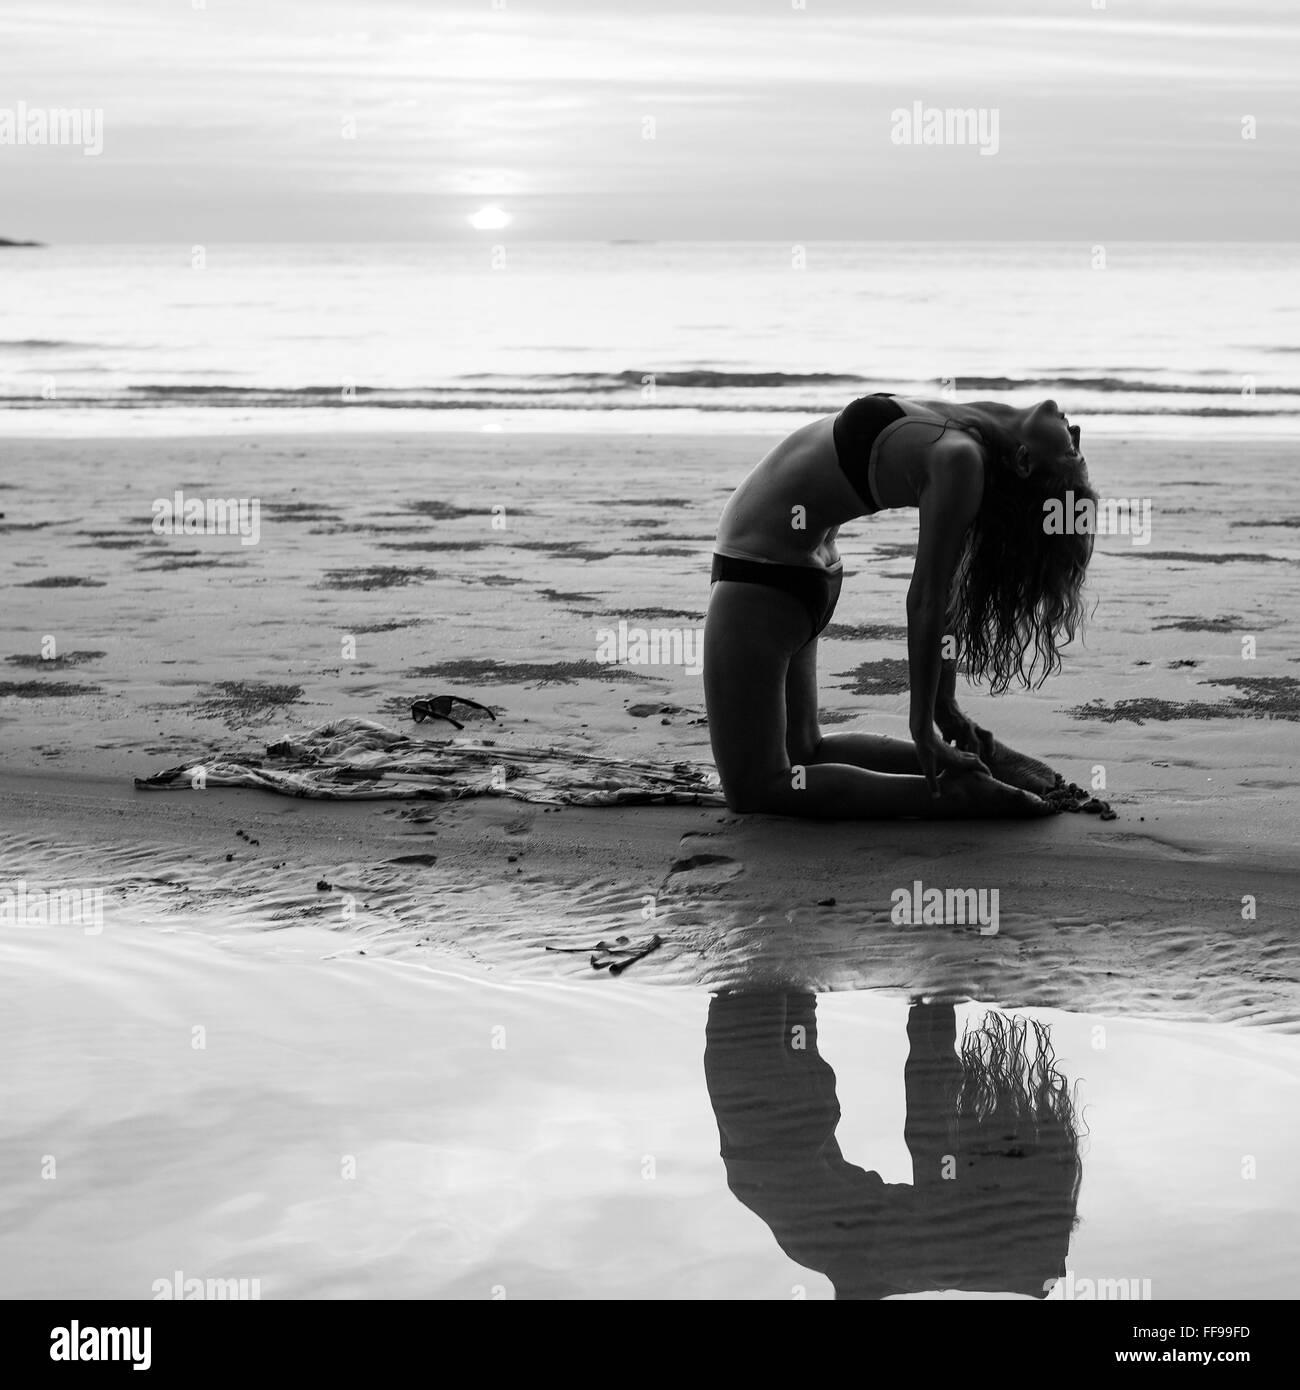 Exercices de yoga silhouette de femme sur la plage au coucher du soleil. La photographie en noir et blanc. Banque D'Images